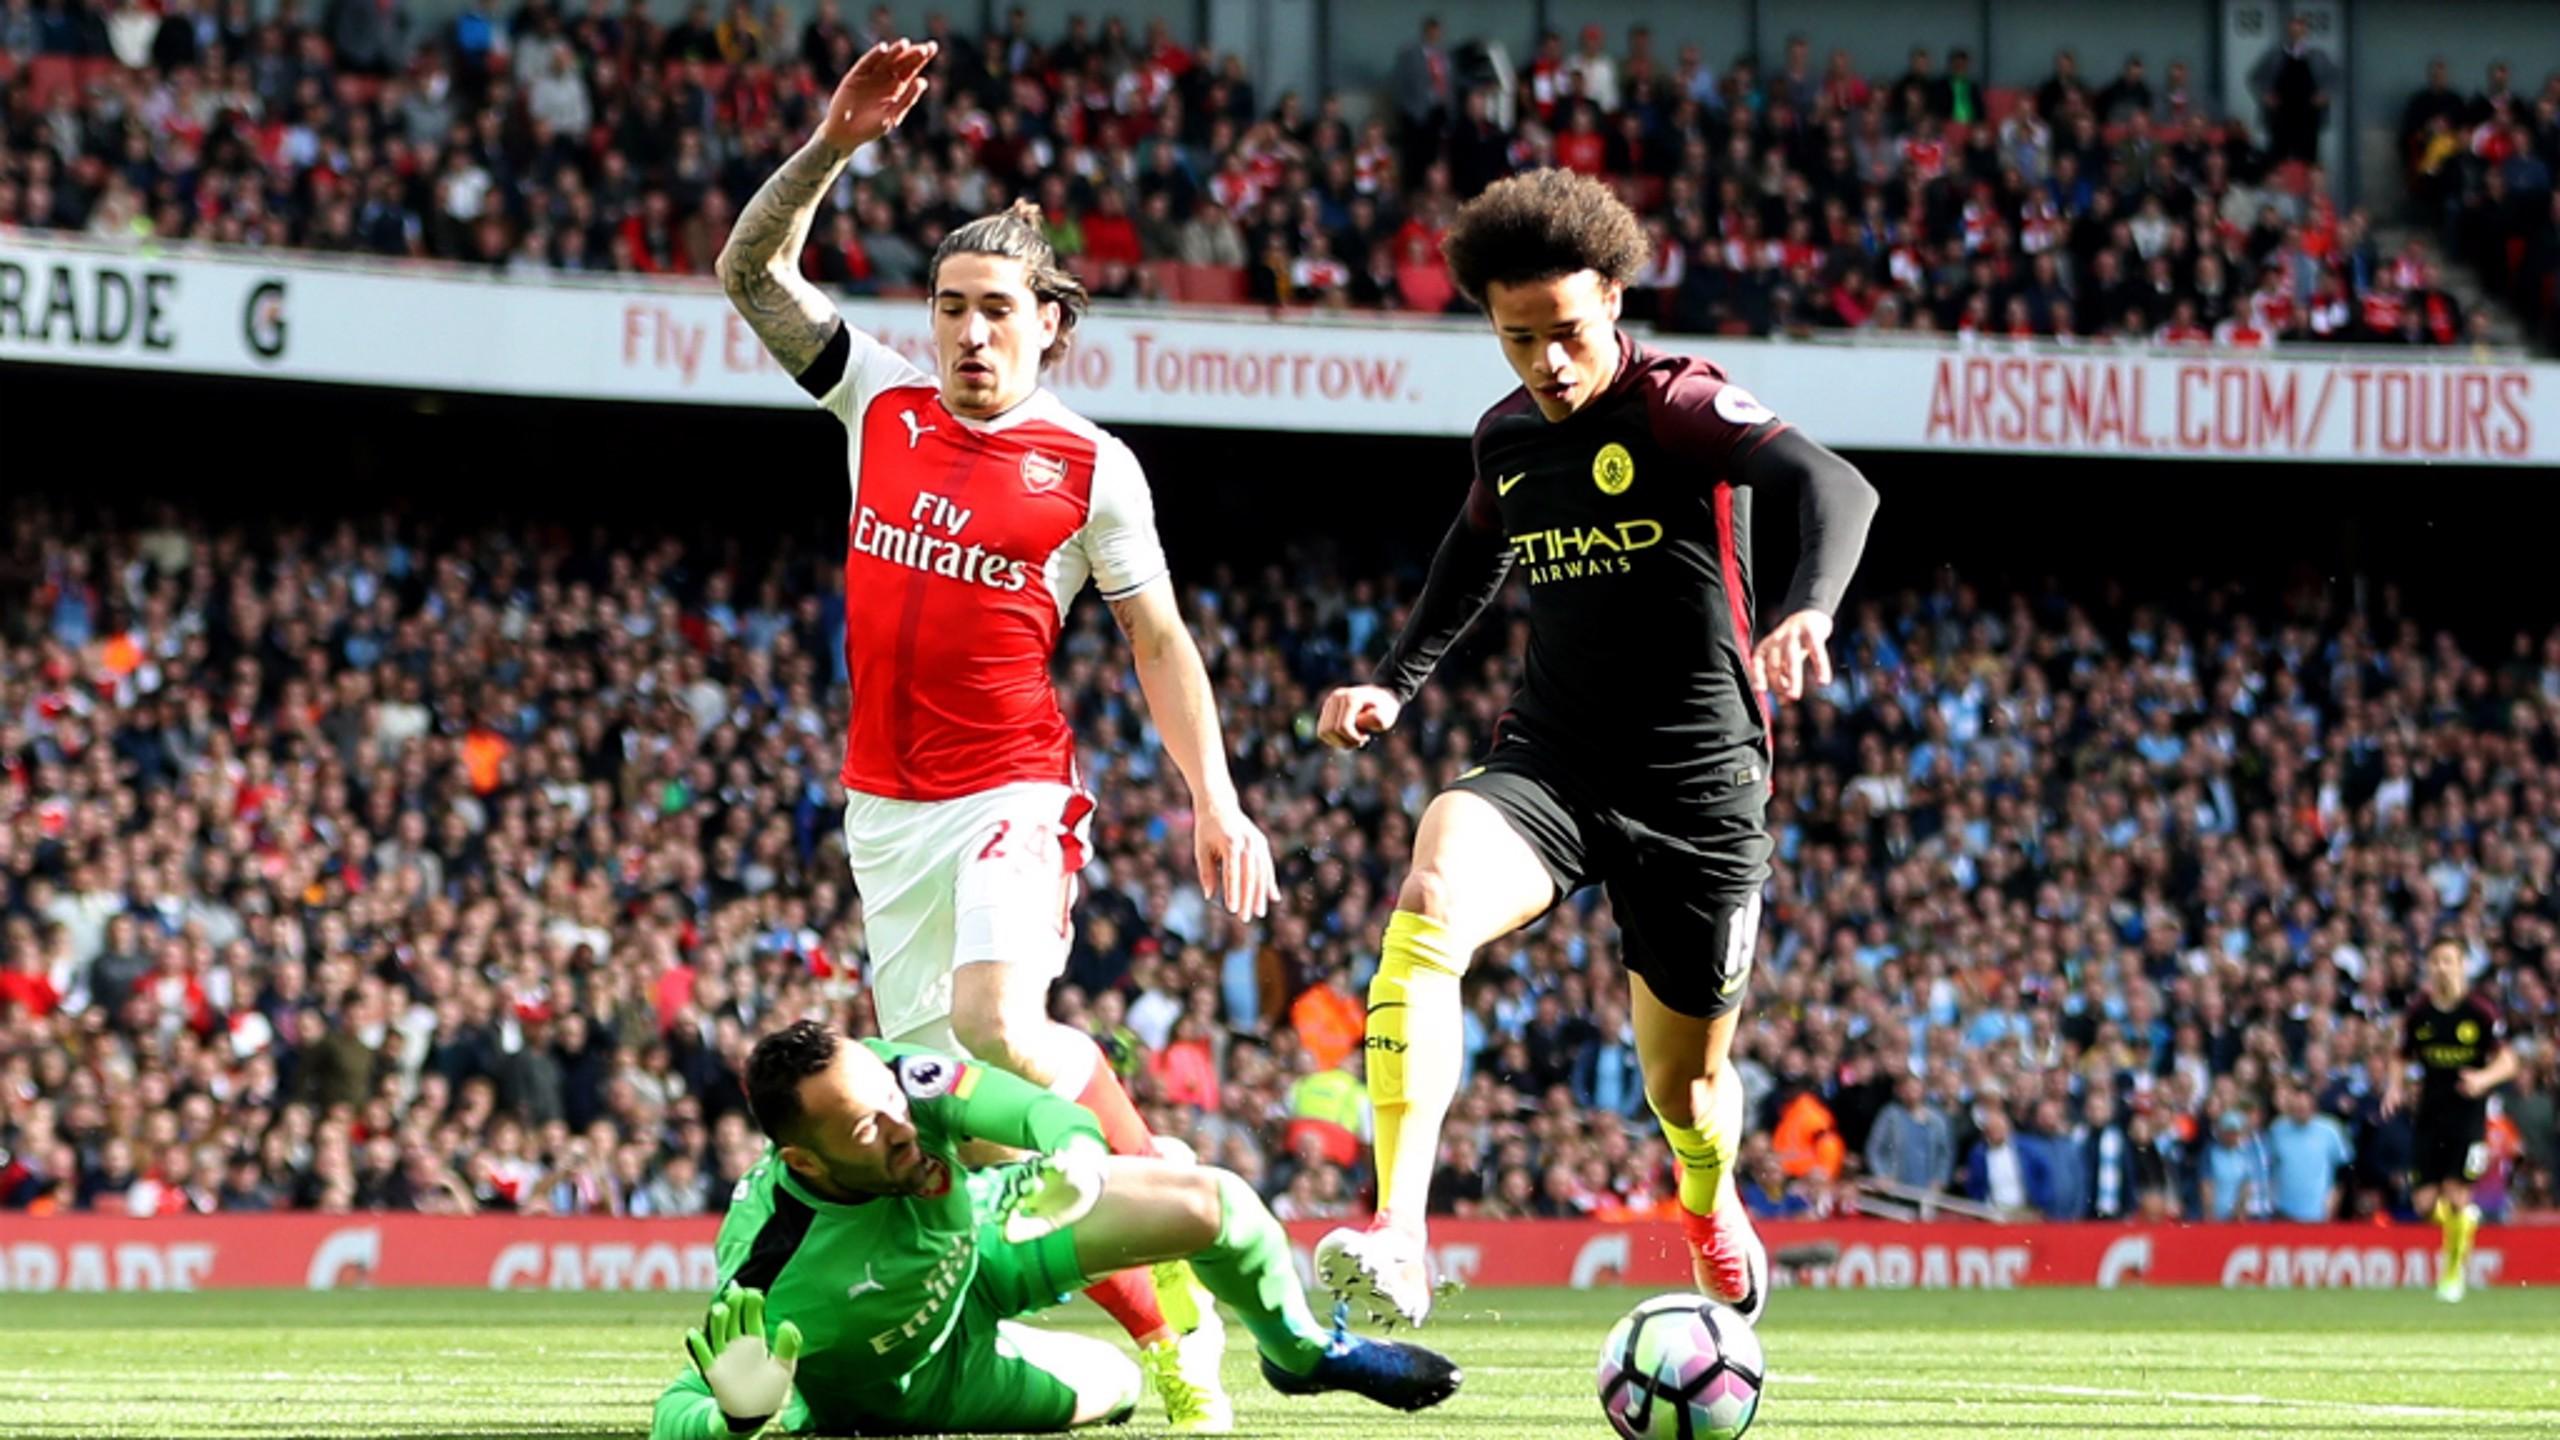 Arsenal 2-2 City: Reparto de puntos en Londres